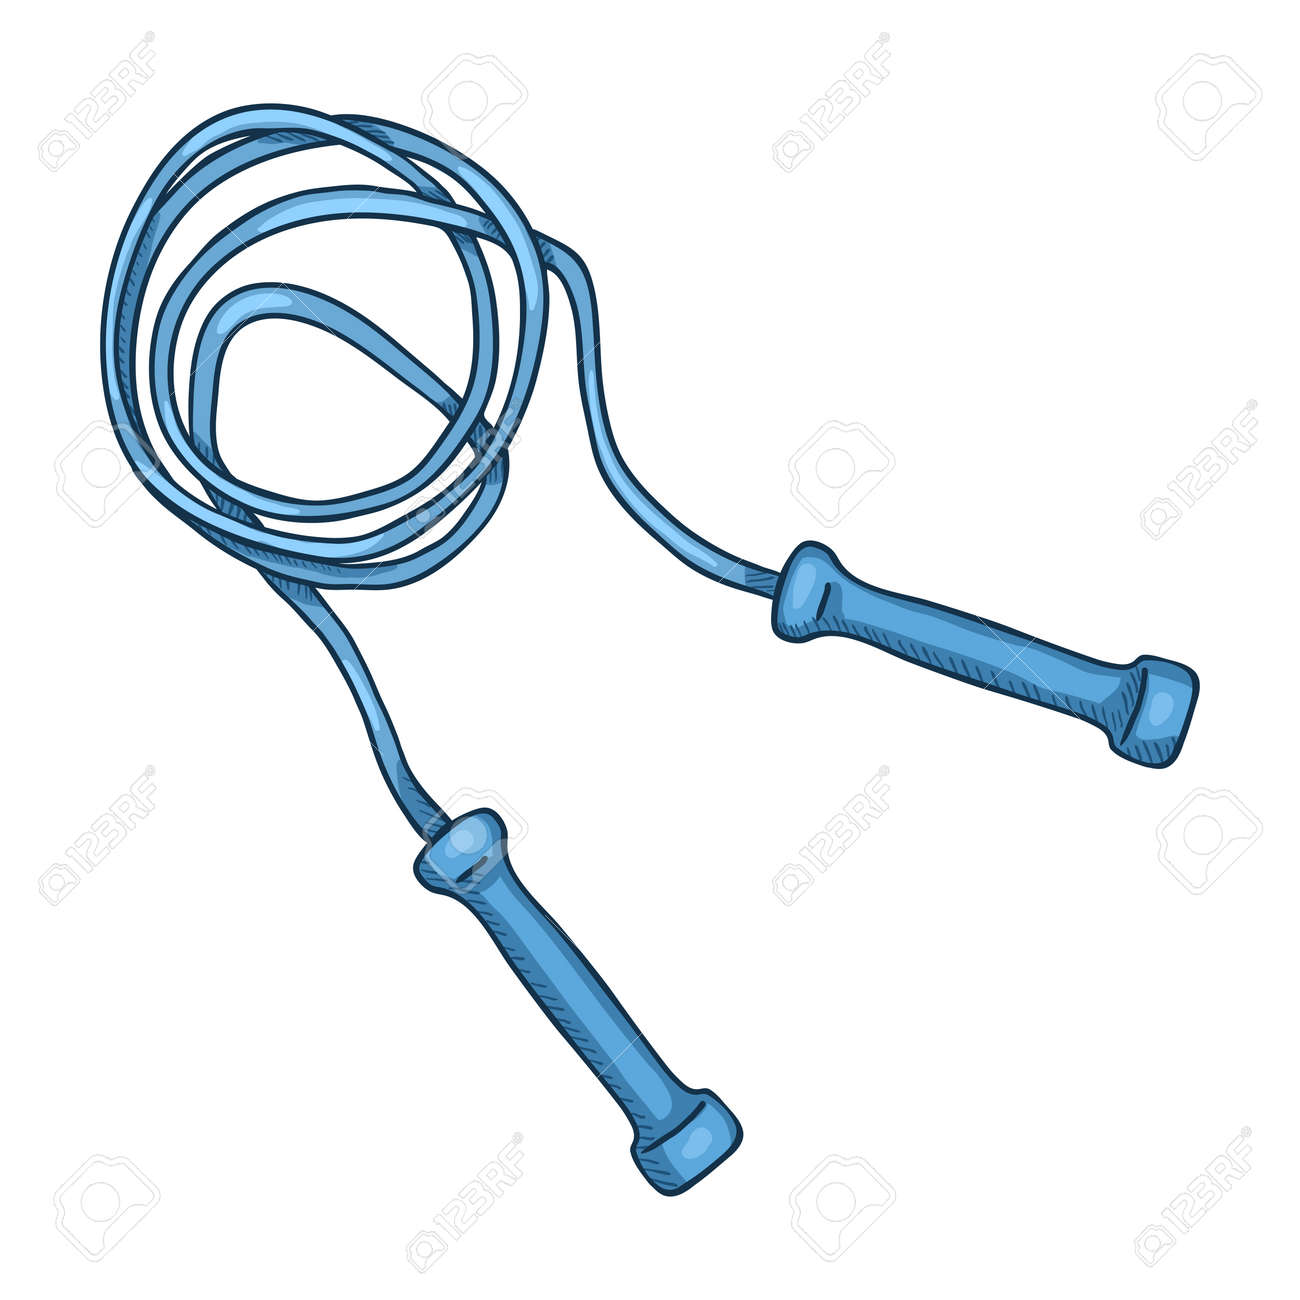 Vector Cartoon Blue Jumping Rope Illustration - 168798671